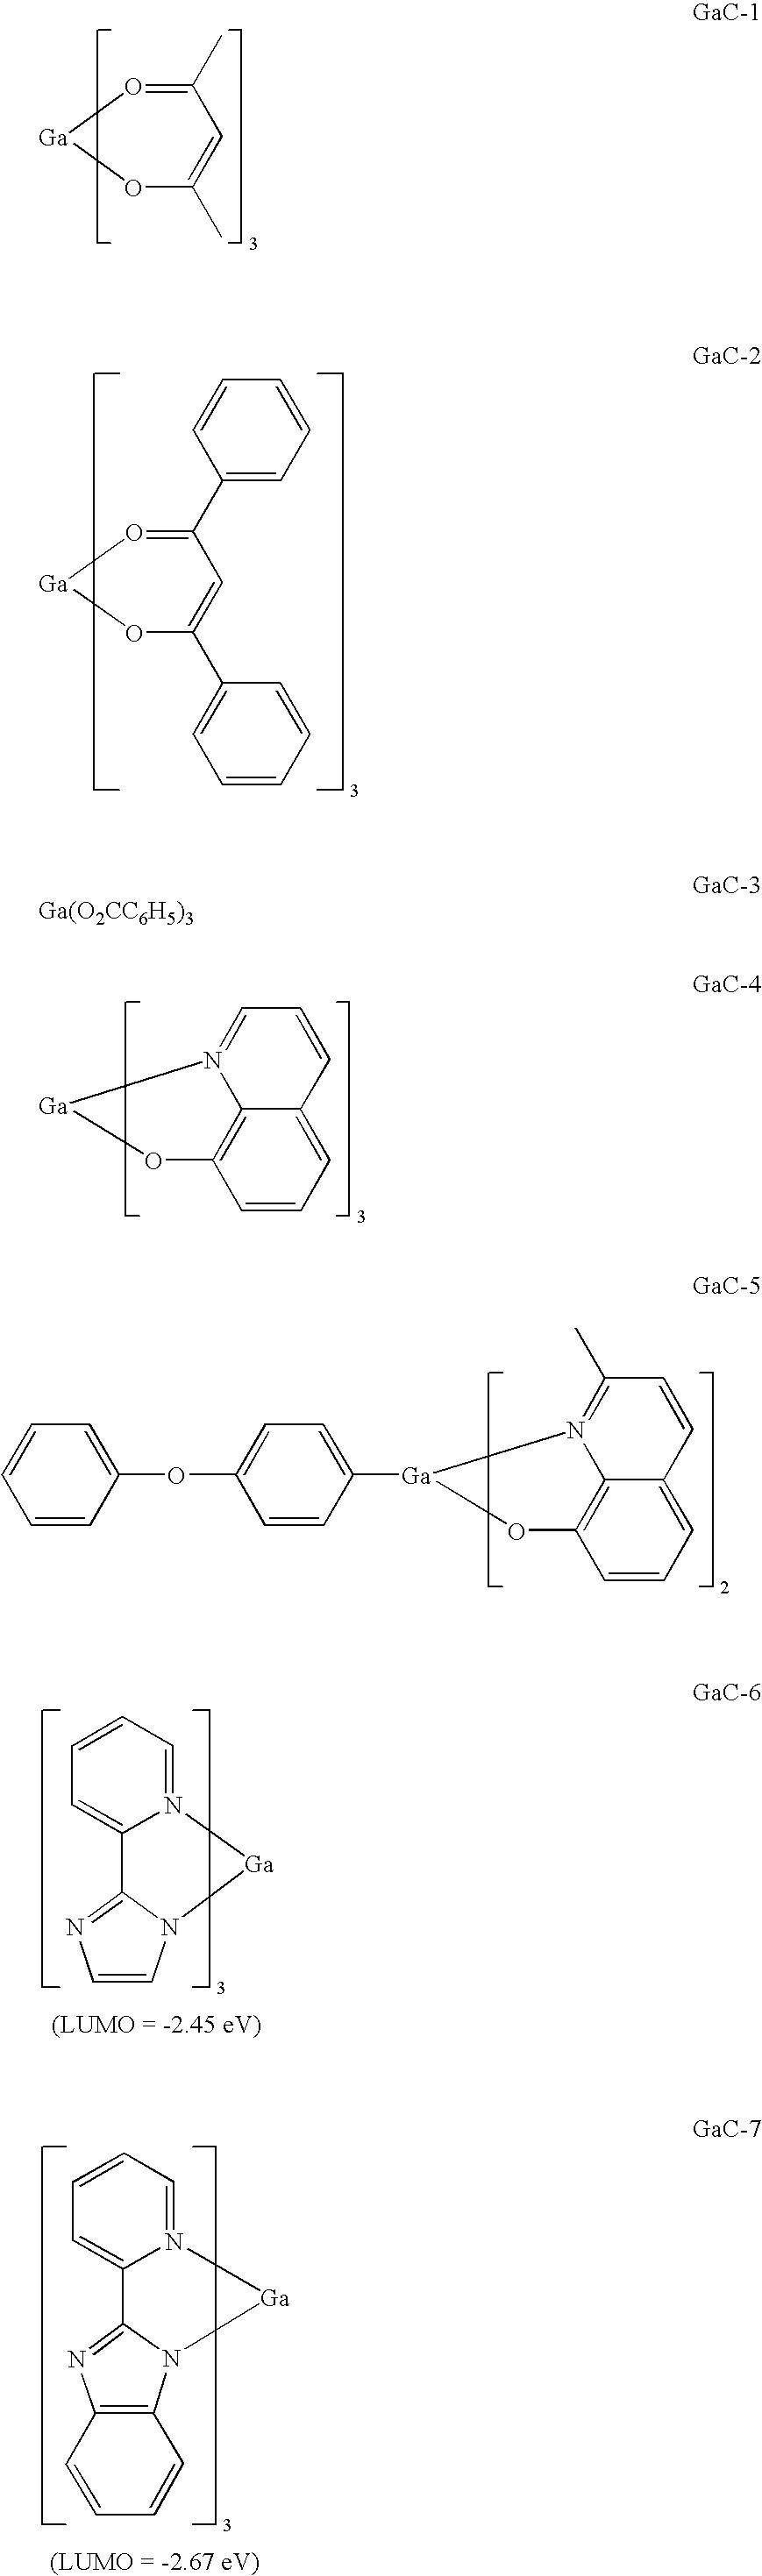 Figure US20090001885A1-20090101-C00004